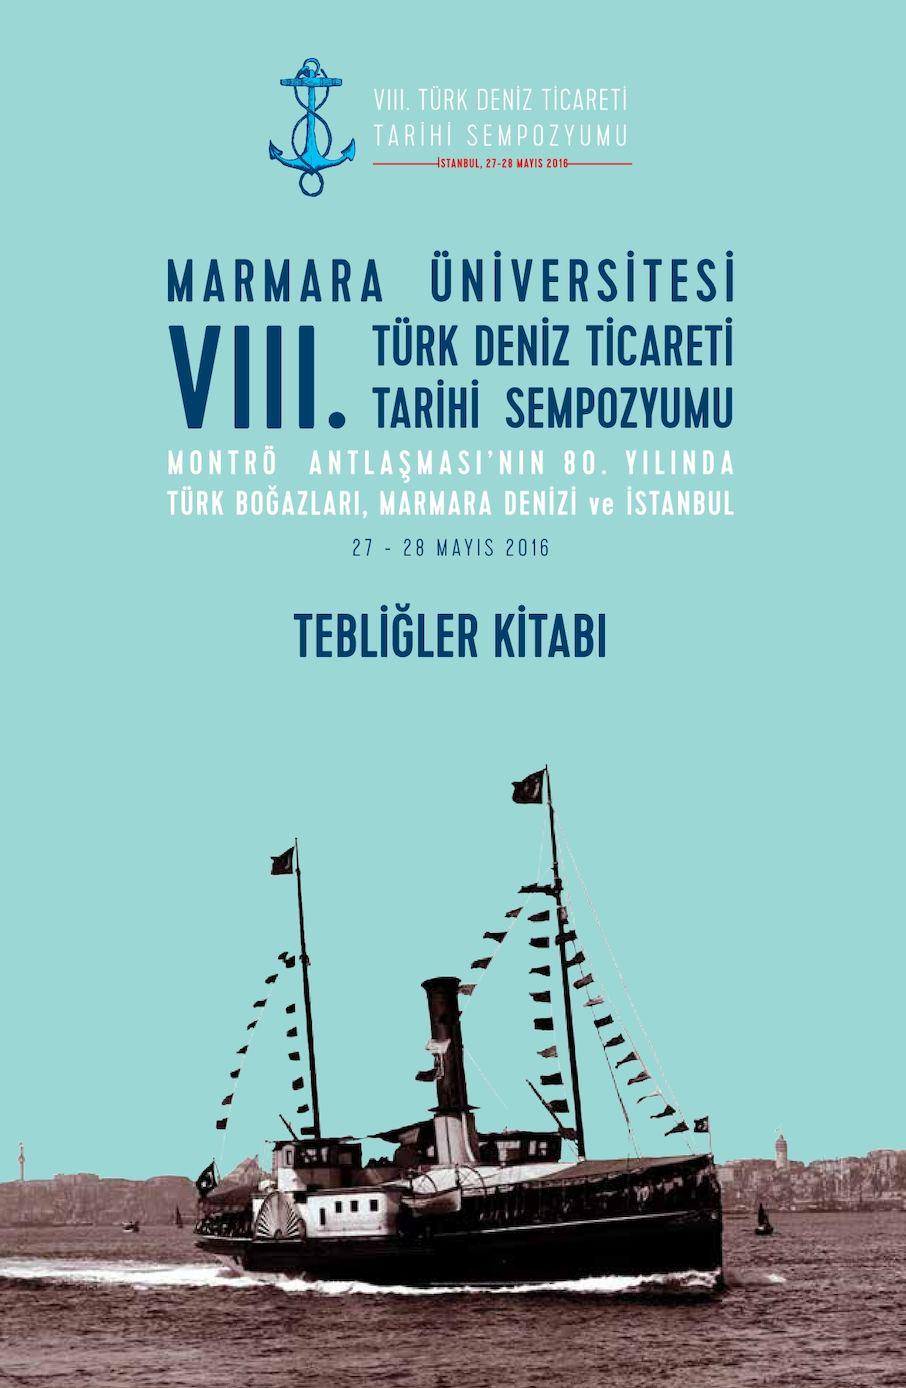 Rusya Karadeniz Filosu'nun 235. yıldönümü Sivastopol'de coşkuyla kutlandı 82